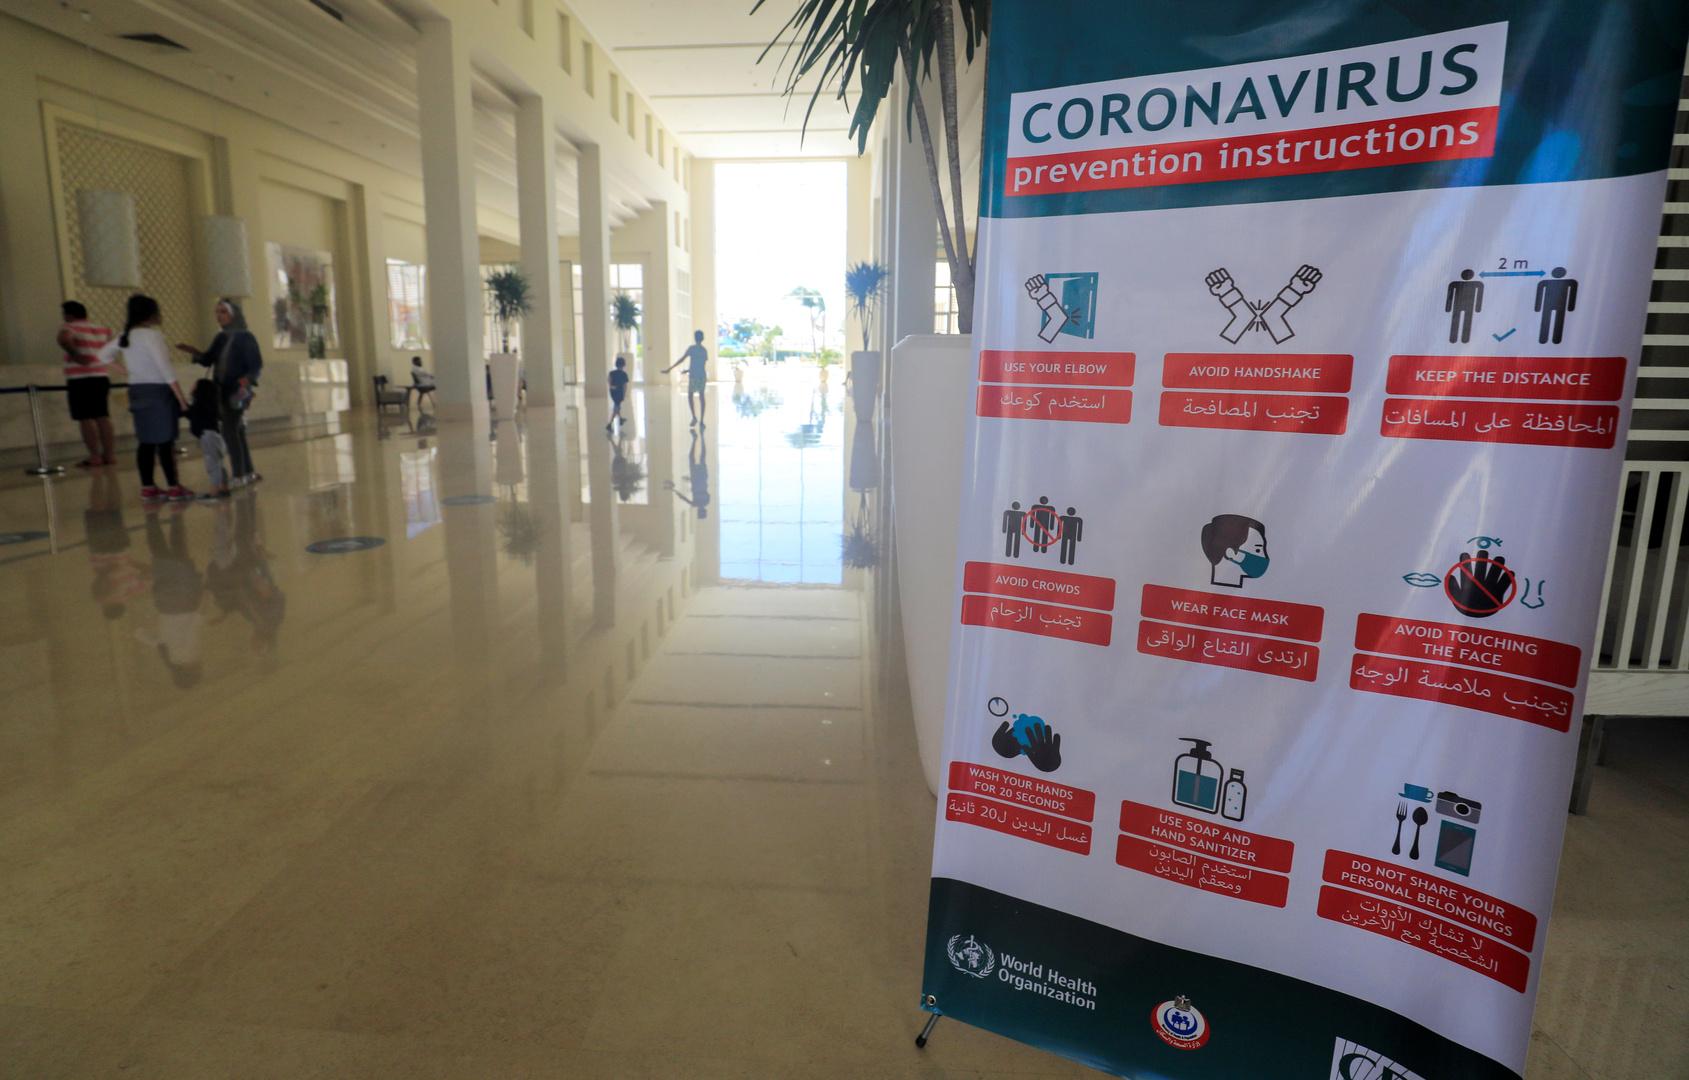 منظمة الصحة العالمية تعلن وصول منطقة شرق المتوسط إلى مرحلة جديدة من فيروس كورونا